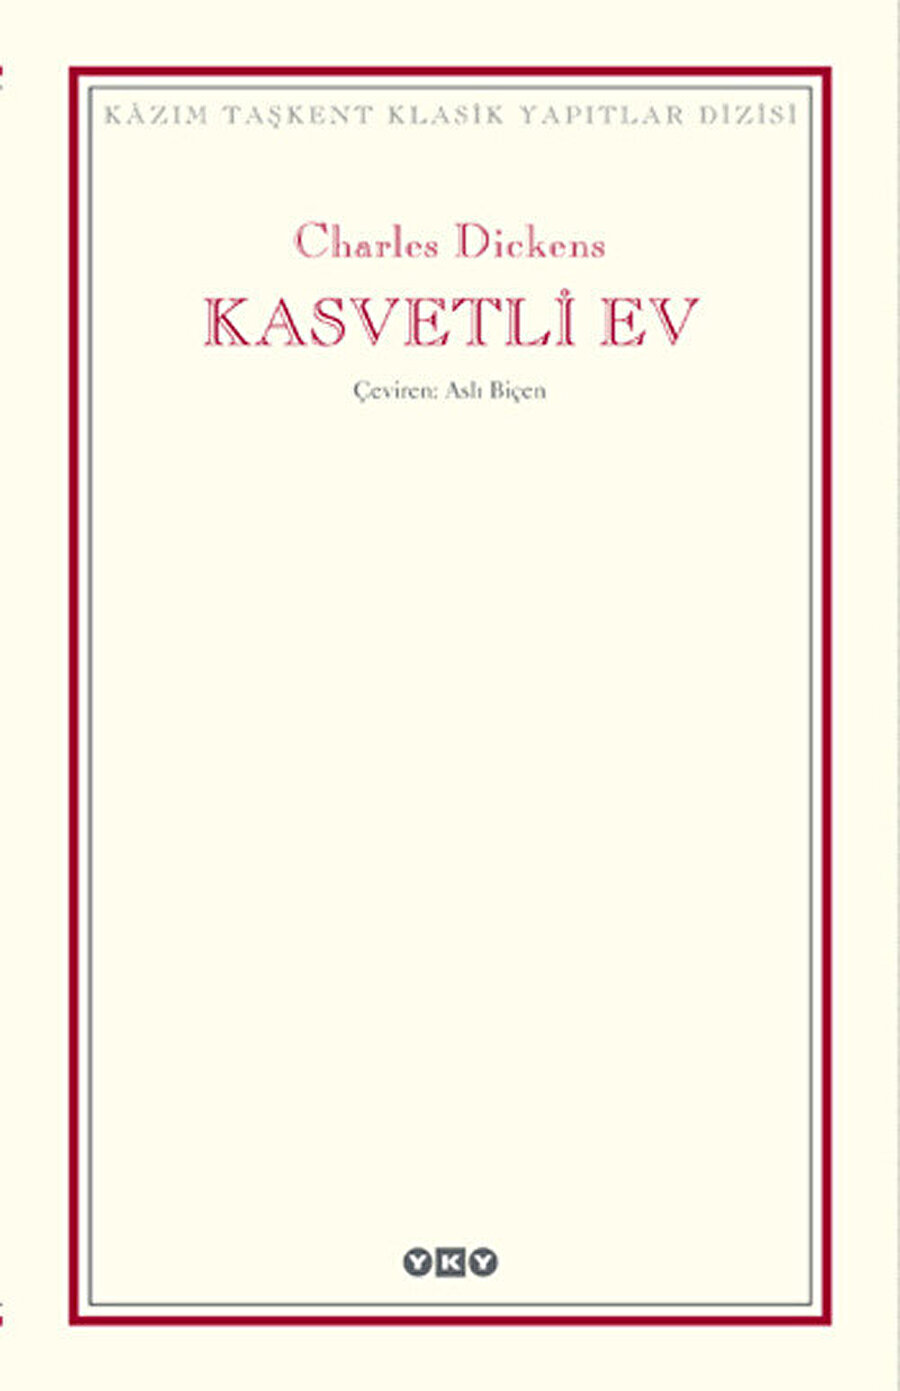 Charles Dickens, Kasvetli Ev